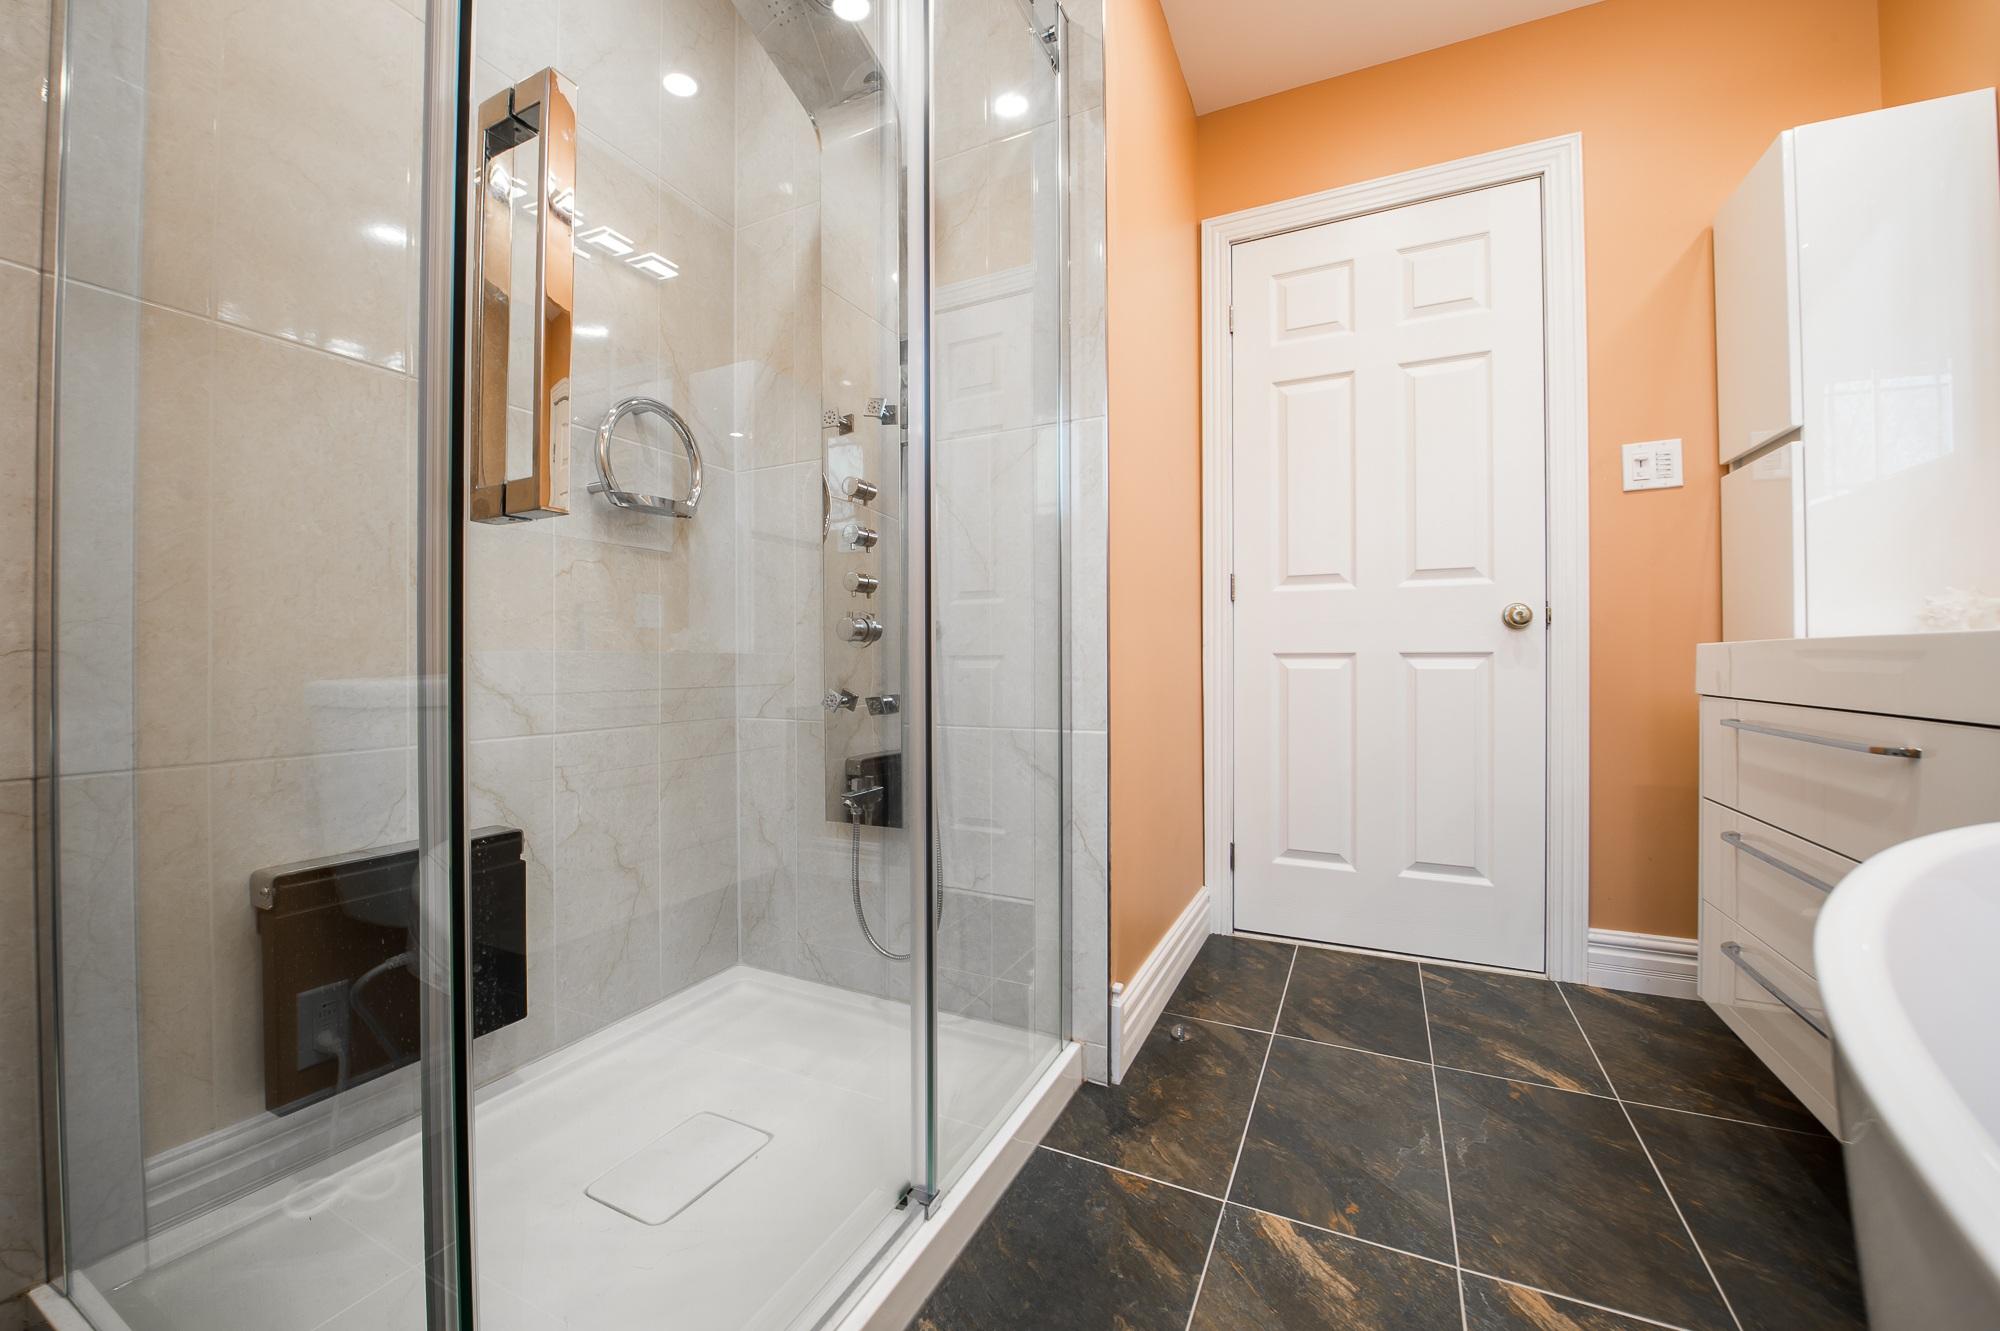 Оранжевый цвет в интерьере ванны